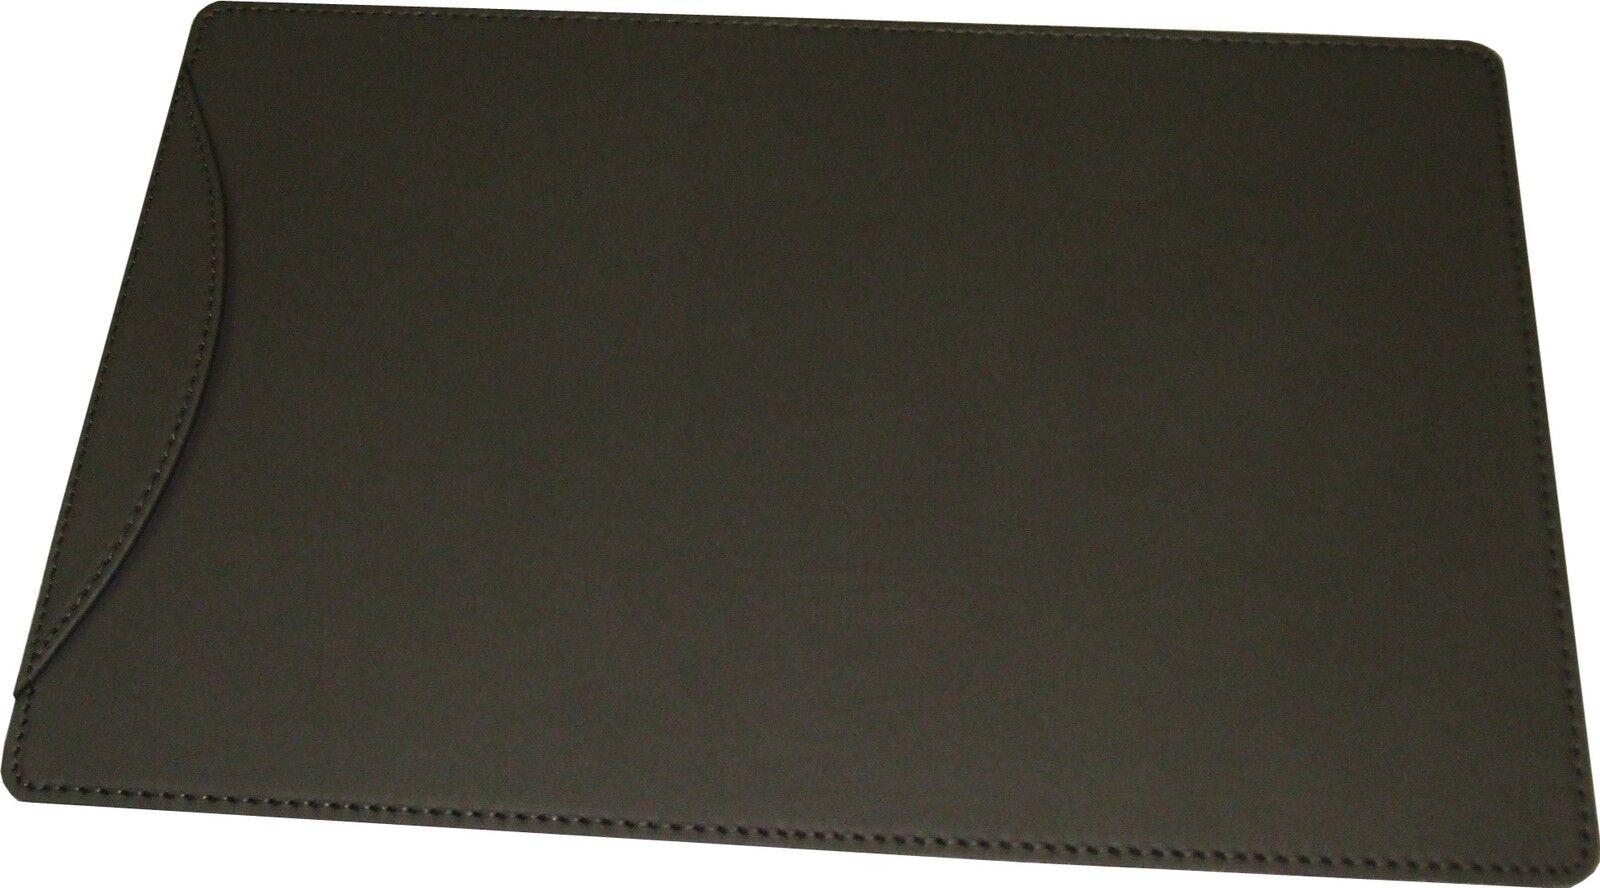 schreibunterlage schreibtischunterlage echt leder schwarz 60 x 40 cm m lasche eur 52 50. Black Bedroom Furniture Sets. Home Design Ideas